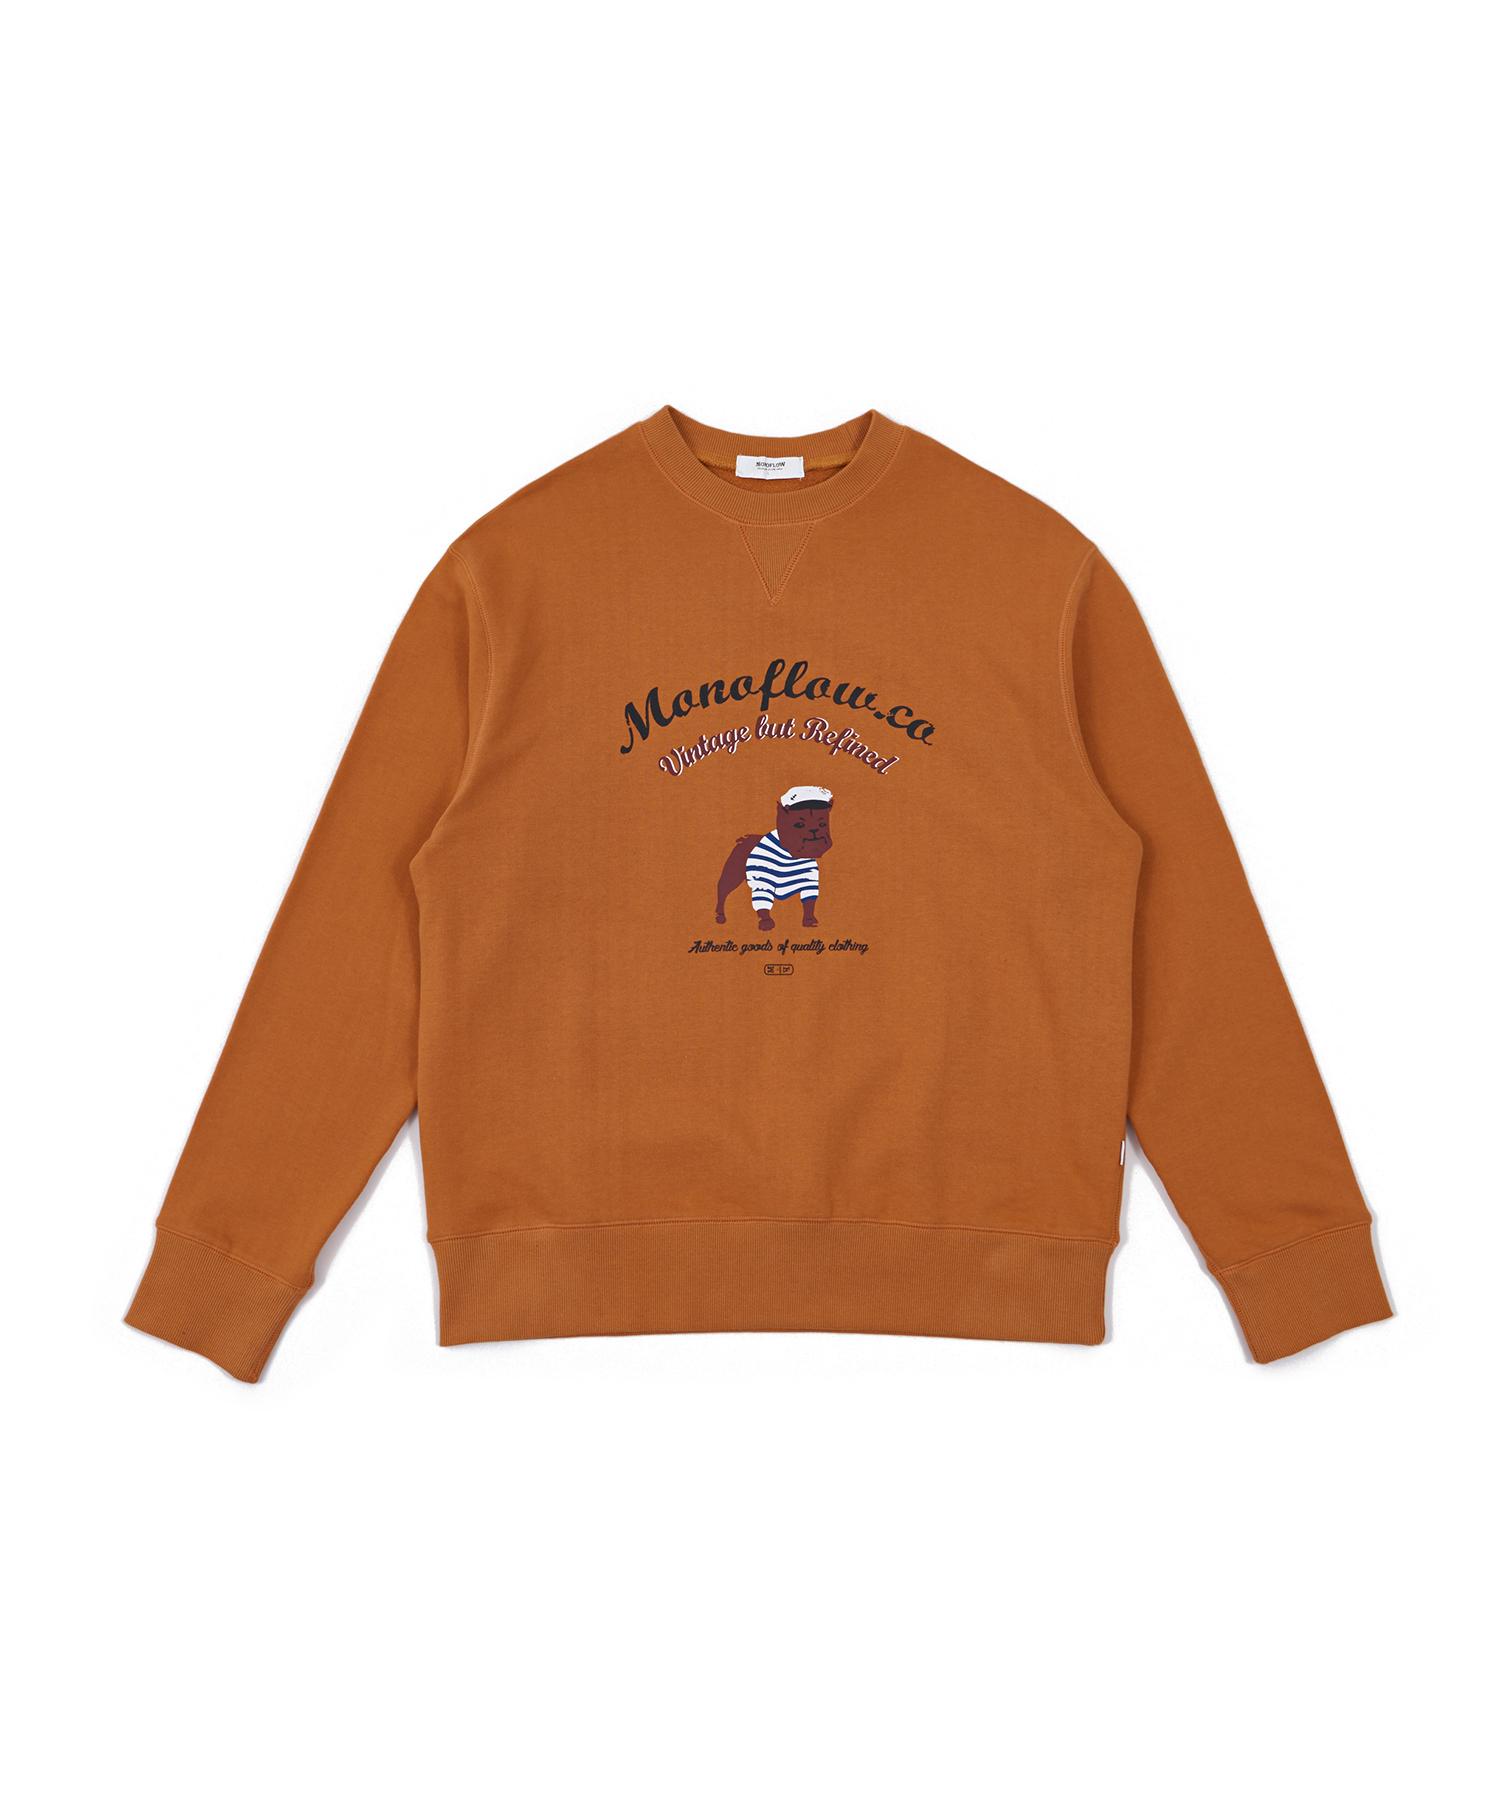 모노플로우 프렌치독 맨투맨 티셔츠